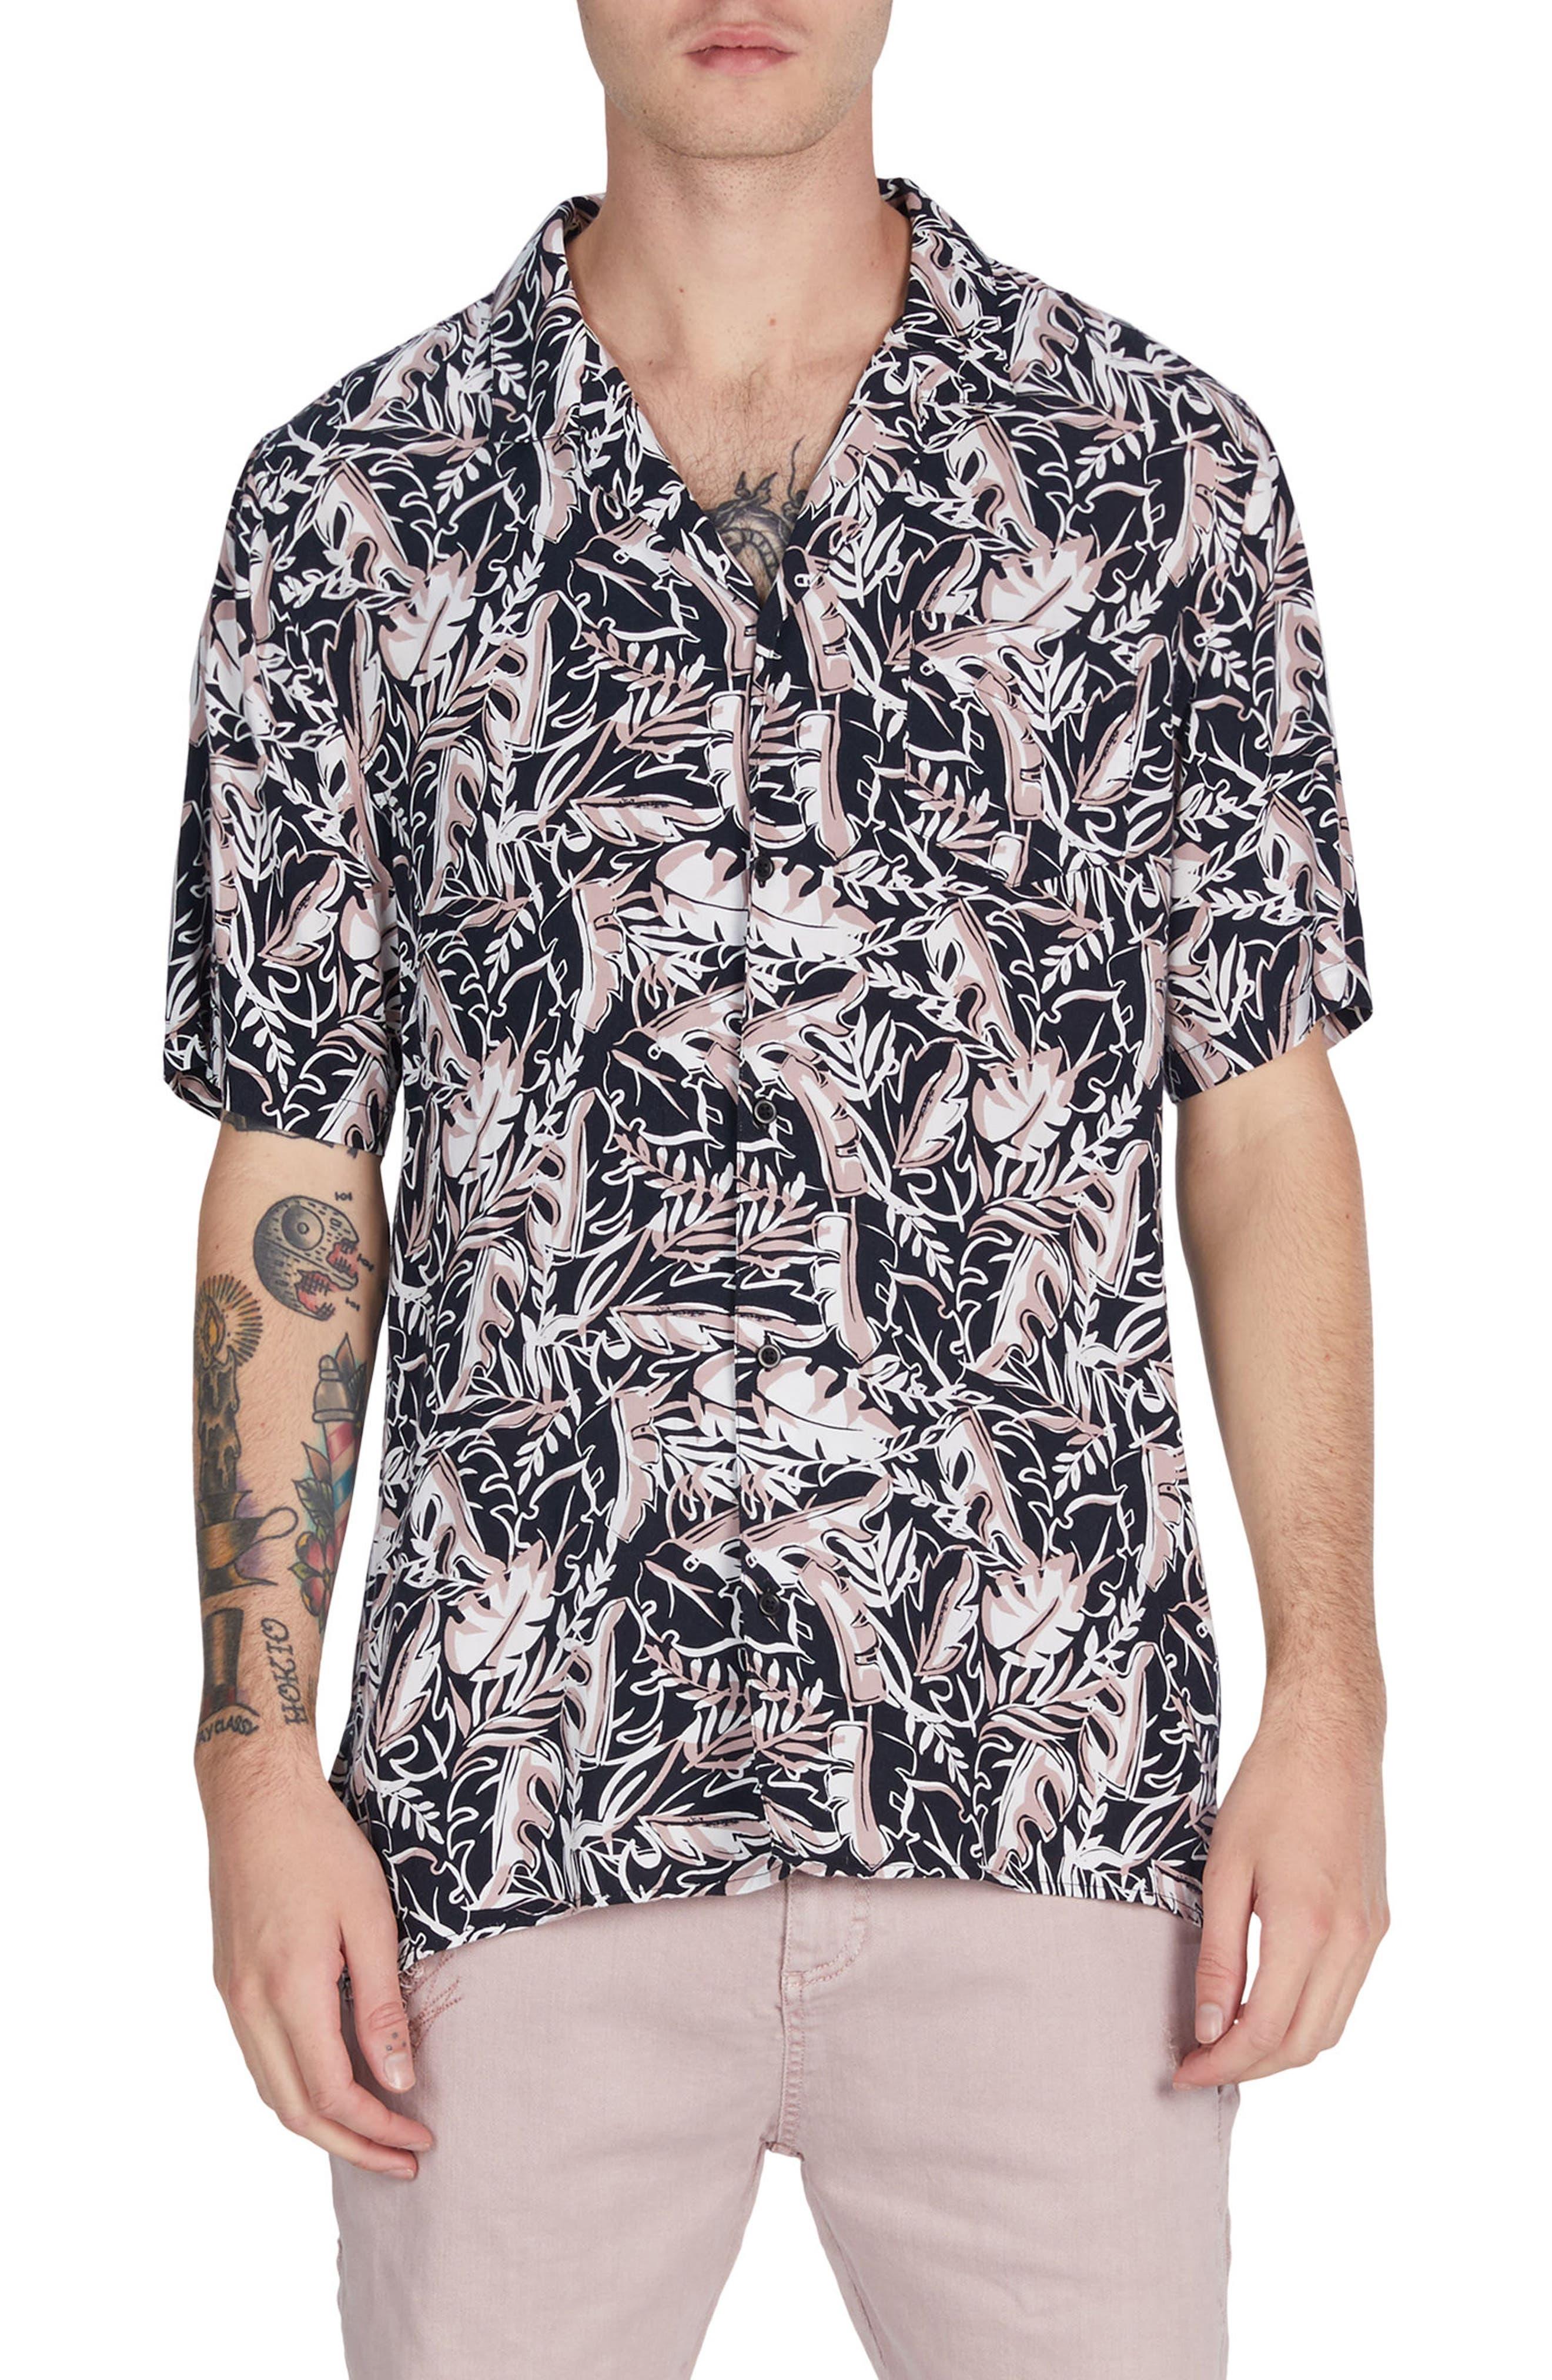 ZANEROBE Fern Box Shirt, Main, color, 001